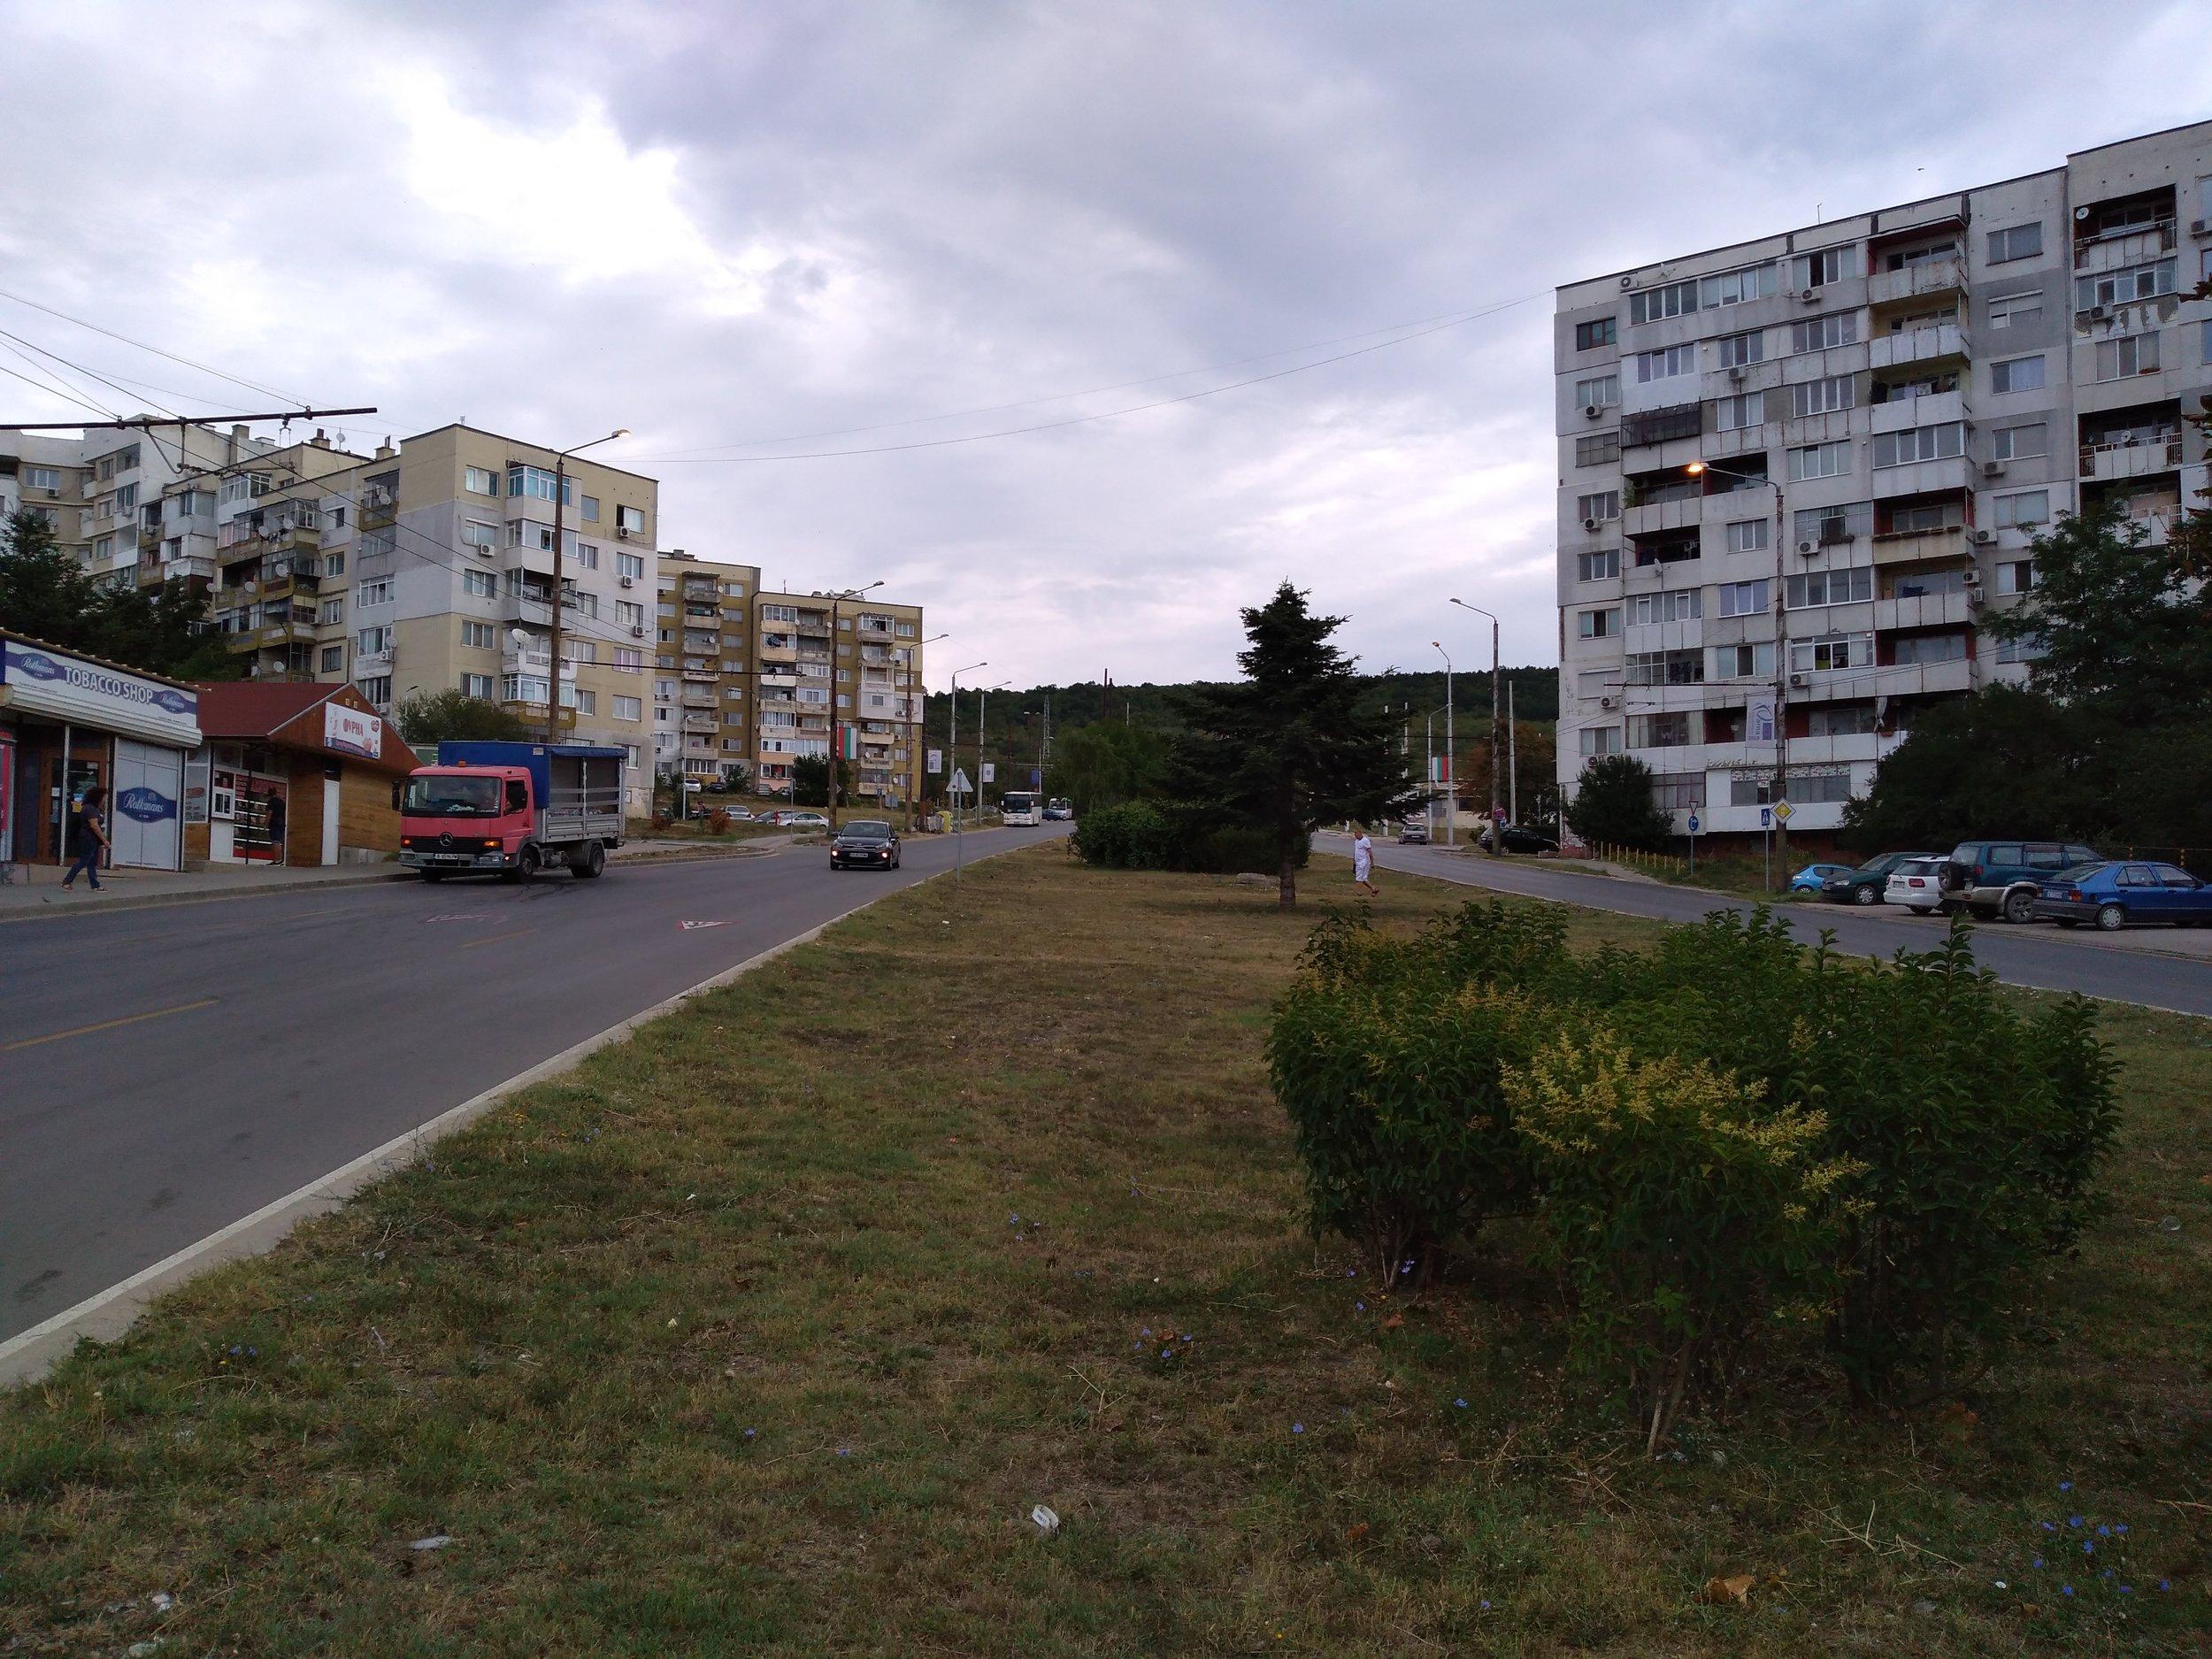 Kolem sídliště Vladislavovo vede trolejbusová trať, ta je ale už více než 10 let nevyužívaná.